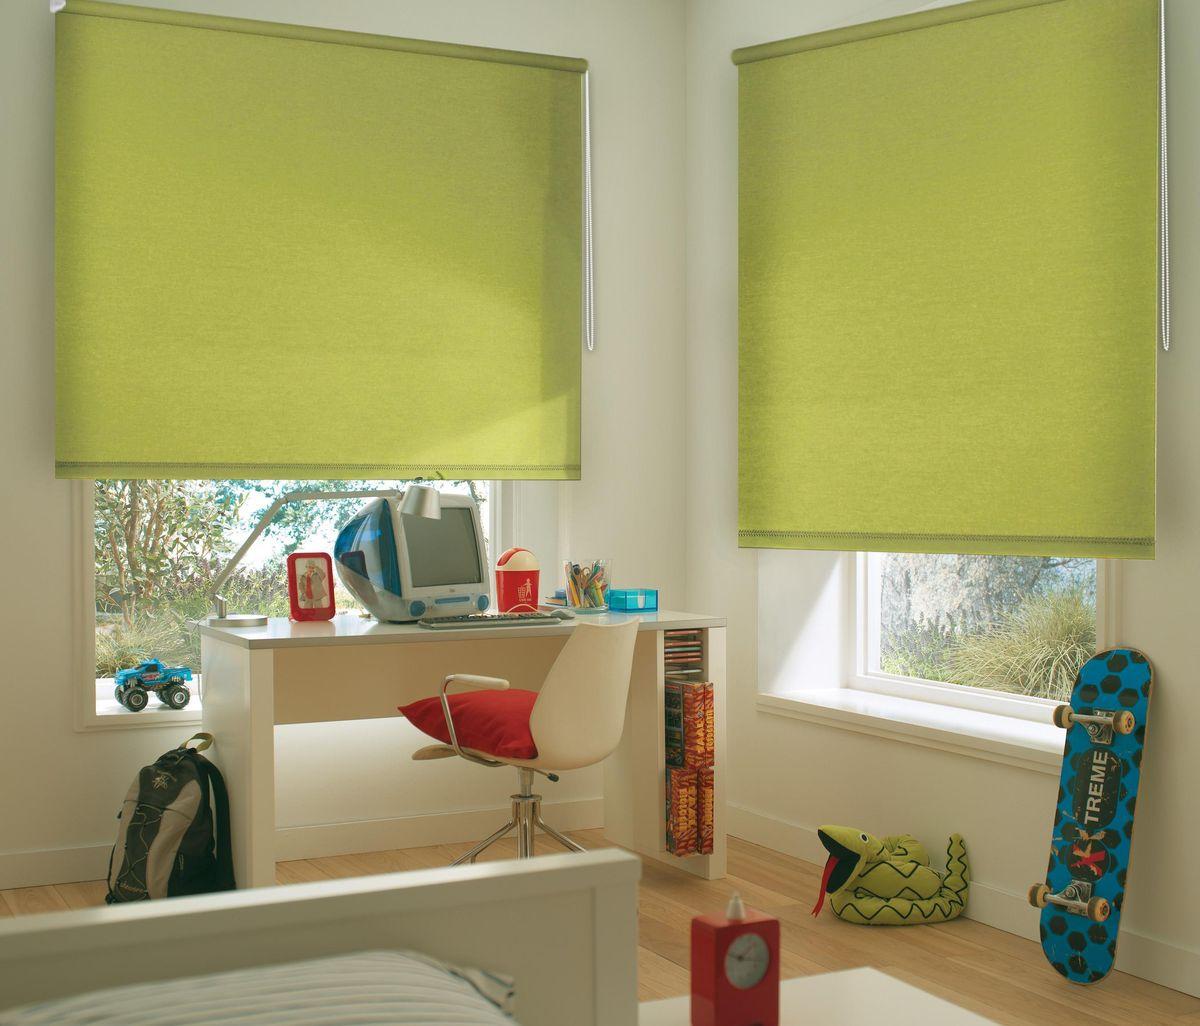 Штора рулонная Эскар, цвет: салатовый, ширина 120 см, высота 170 см81014120170Рулонными шторами можно оформлять окна как самостоятельно, так и использовать в комбинации с портьерами. Это поможет предотвратить выгорание дорогой ткани на солнце и соединит функционал рулонных с красотой навесных.Преимущества применения рулонных штор для пластиковых окон:- имеют прекрасный внешний вид: многообразие и фактурность материала изделия отлично смотрятся в любом интерьере; - многофункциональны: есть возможность подобрать шторы способные эффективно защитить комнату от солнца, при этом о на не будет слишком темной. - Есть возможность осуществить быстрый монтаж. ВНИМАНИЕ! Размеры ширины изделия указаны по ширине ткани!Во время эксплуатации не рекомендуется полностью разматывать рулон, чтобы не оторвать ткань от намоточного вала.В случае загрязнения поверхности ткани, чистку шторы проводят одним из способов, в зависимости от типа загрязнения: легкое поверхностное загрязнение можно удалить при помощи канцелярского ластика; чистка от пыли производится сухим методом при помощи пылесоса с мягкой щеткой-насадкой; для удаления пятна используйте мягкую губку с пенообразующим неагрессивным моющим средством или пятновыводитель на натуральной основе (нельзя применять растворители).